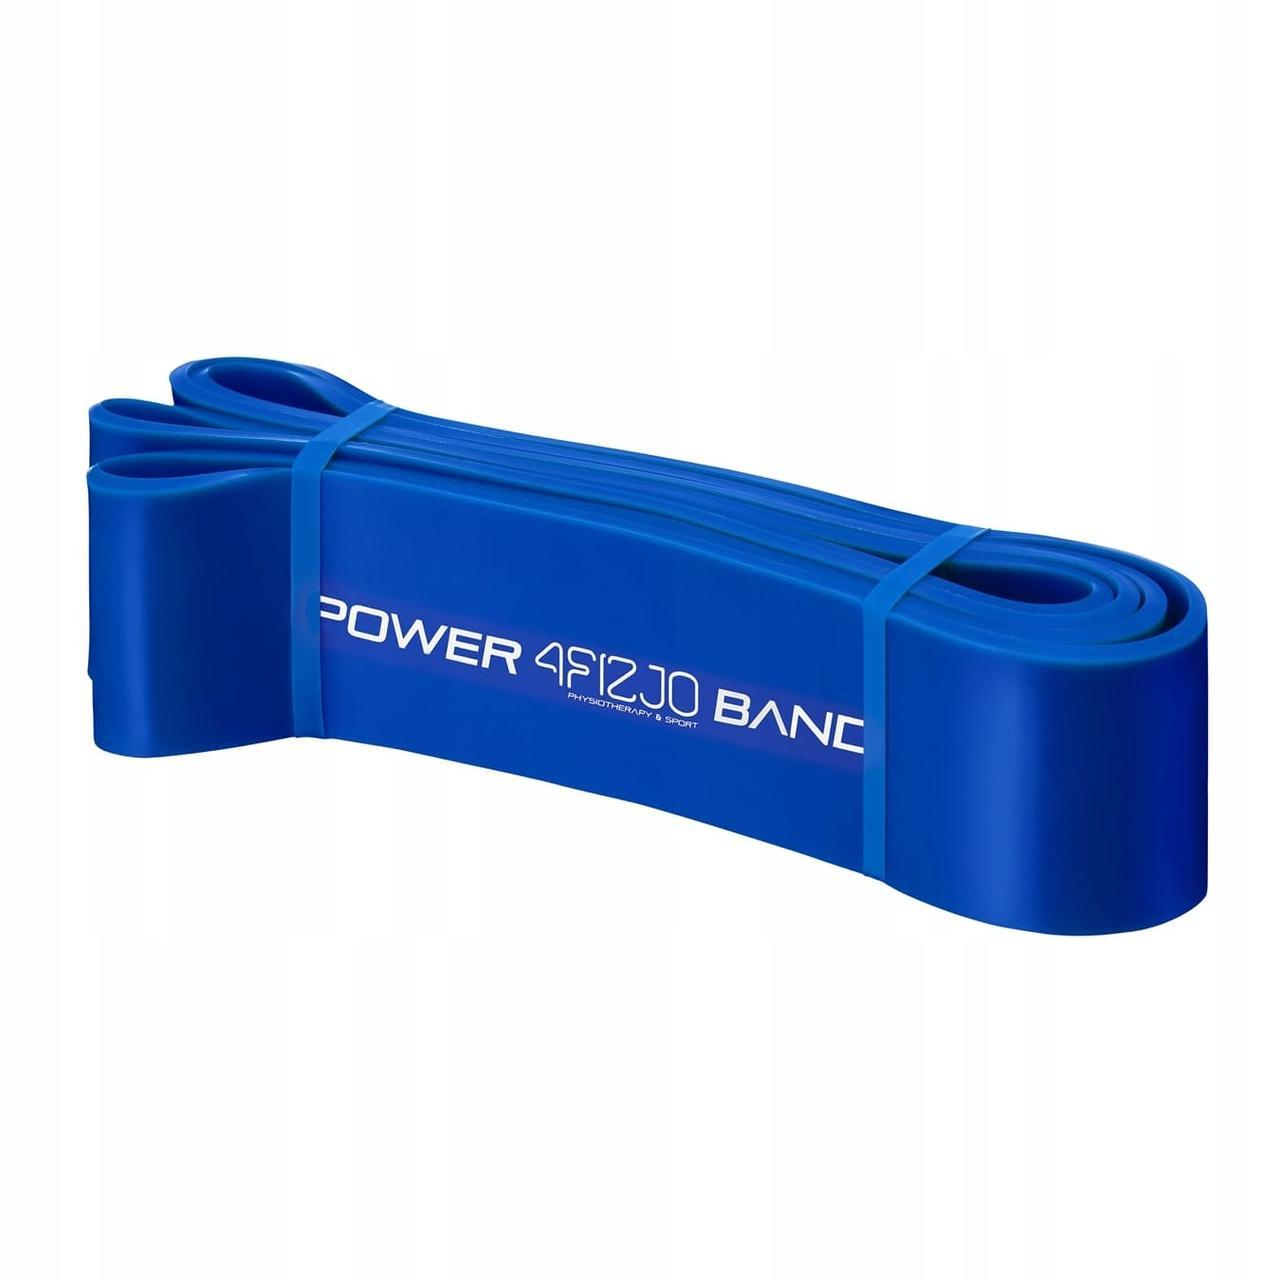 Эспандер-петля, резинка для фитнеса и спорта 4FIZJO Power Band 64 мм 36-46 кг 4FJ1097 SKL41-227484